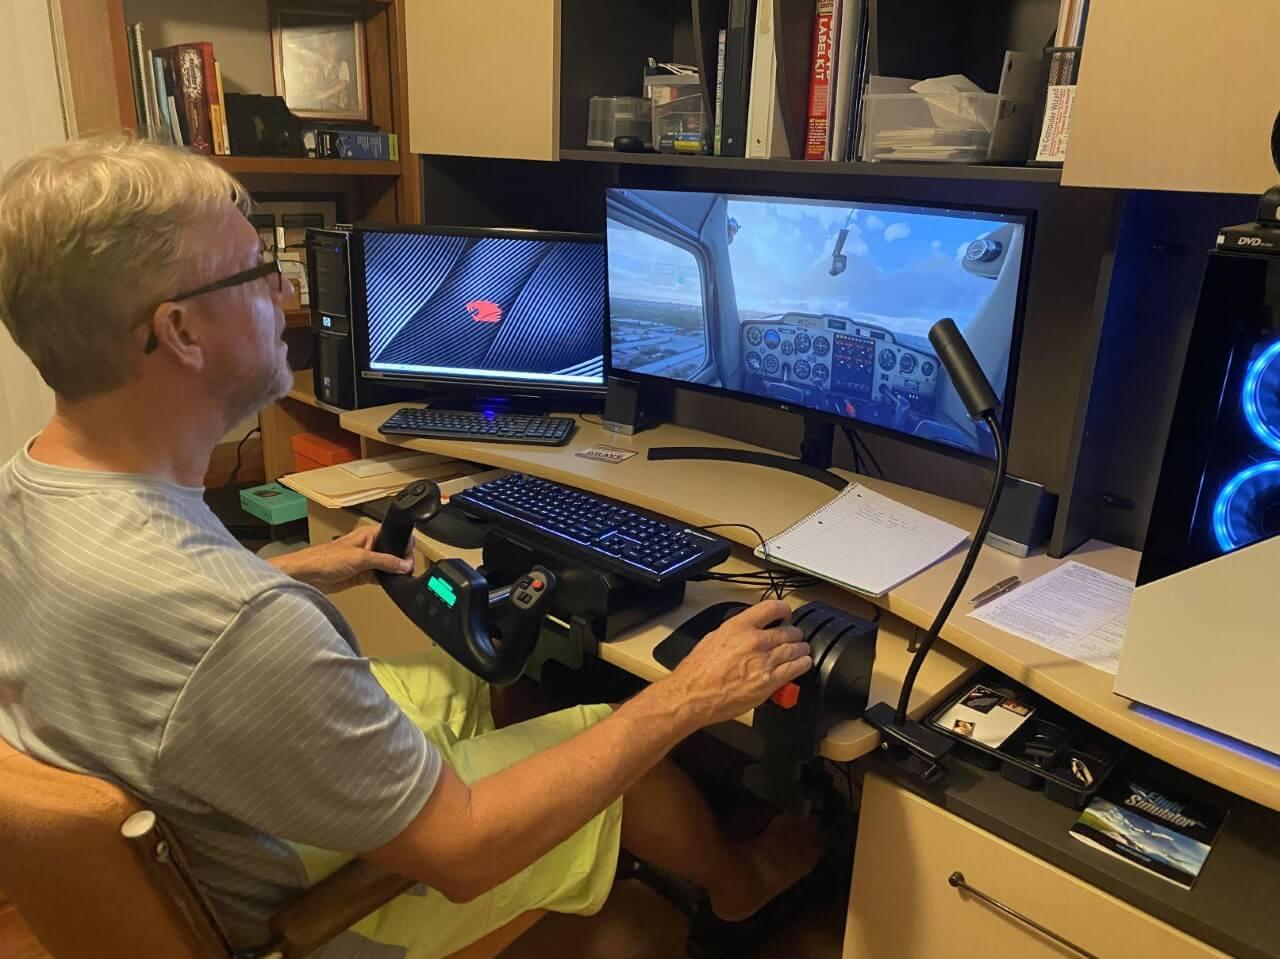 Older man at his computer playing Microsoft Flight Simulator